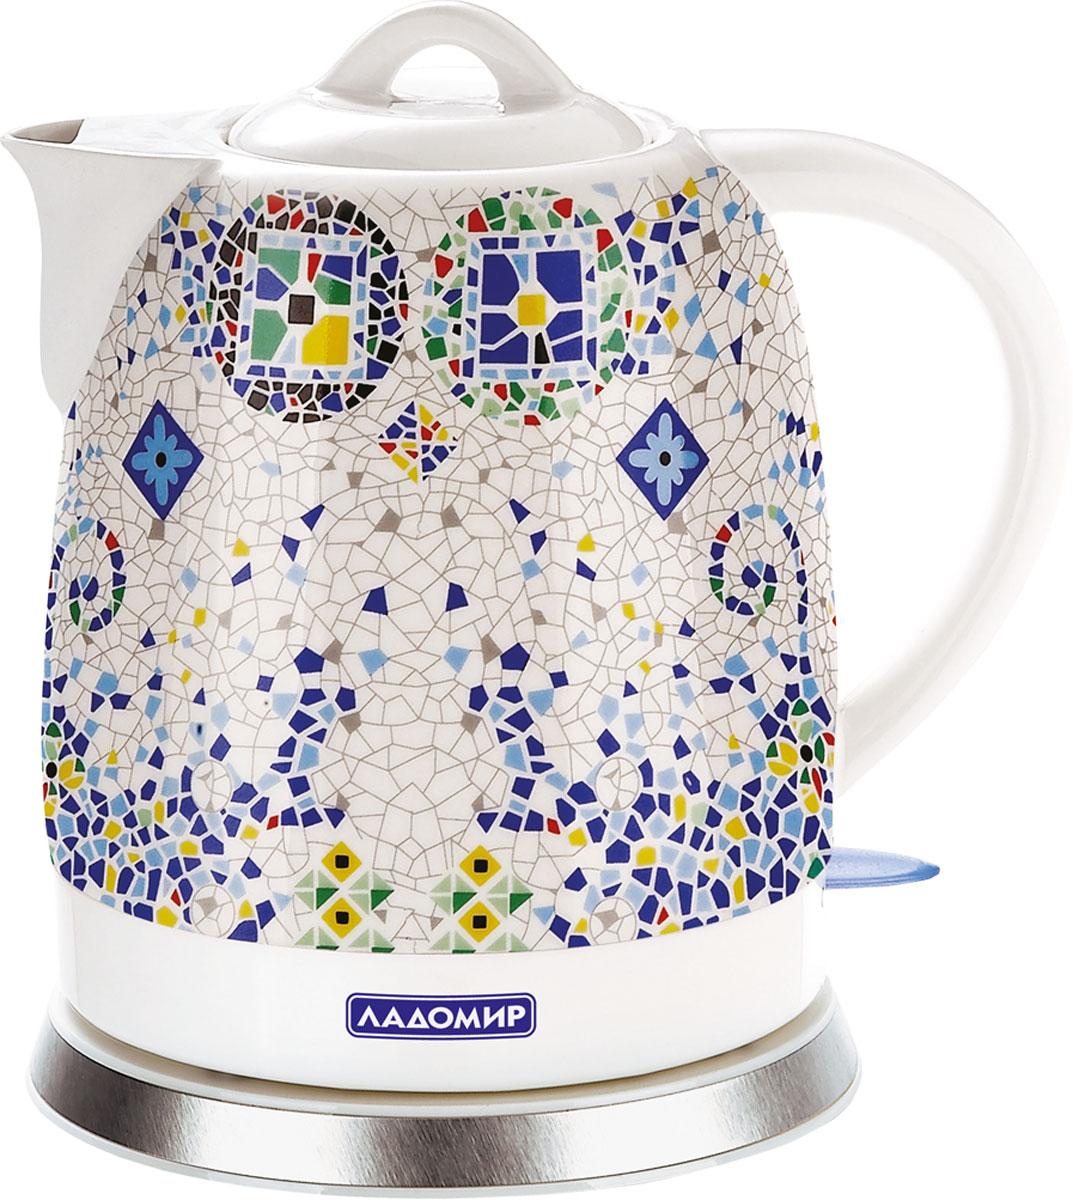 Ладомир 141 чайник141Крепкий керамический корпус чайника Ладомир 141 расписан оригинальным орнаментом и станет не только полезным аксессуаром, но и настоящим украшением кухни.Керамика является экологически чистым и надежным материалом. Вода, вскипяченная в керамическом чайнике не теряет своих вкусовых свойств после закипания. Чайник осуществлен функцией автоматического отключения после закипания.